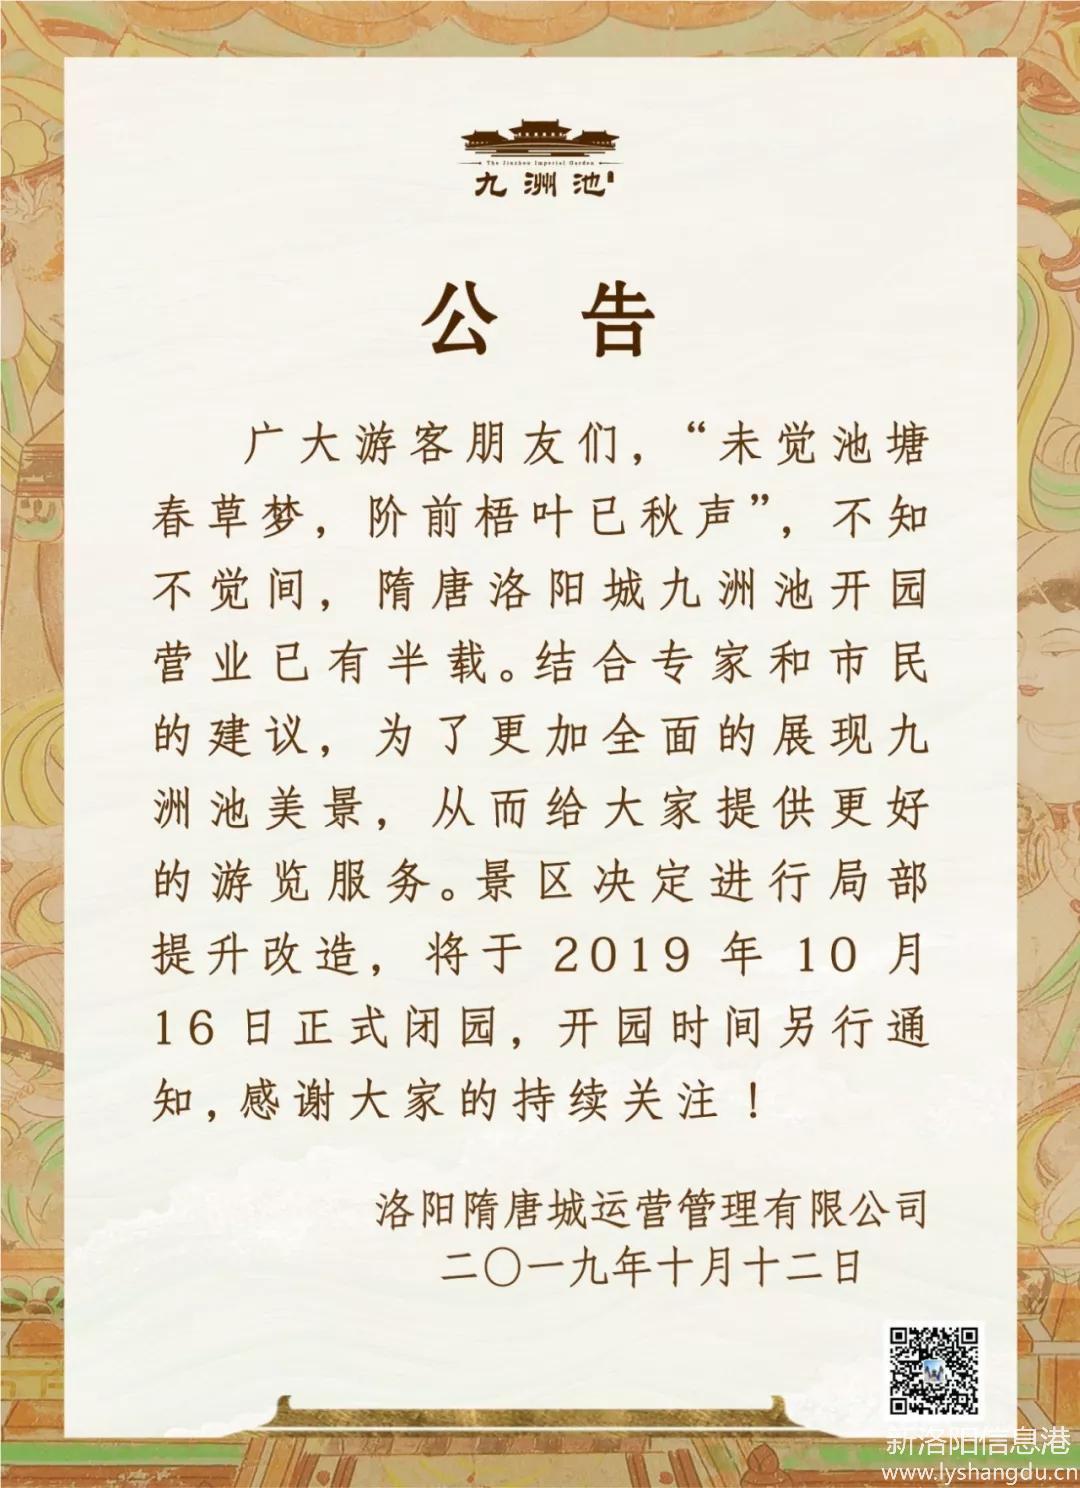 重要通知!隋唐洛阳城九洲池景区将闭园……